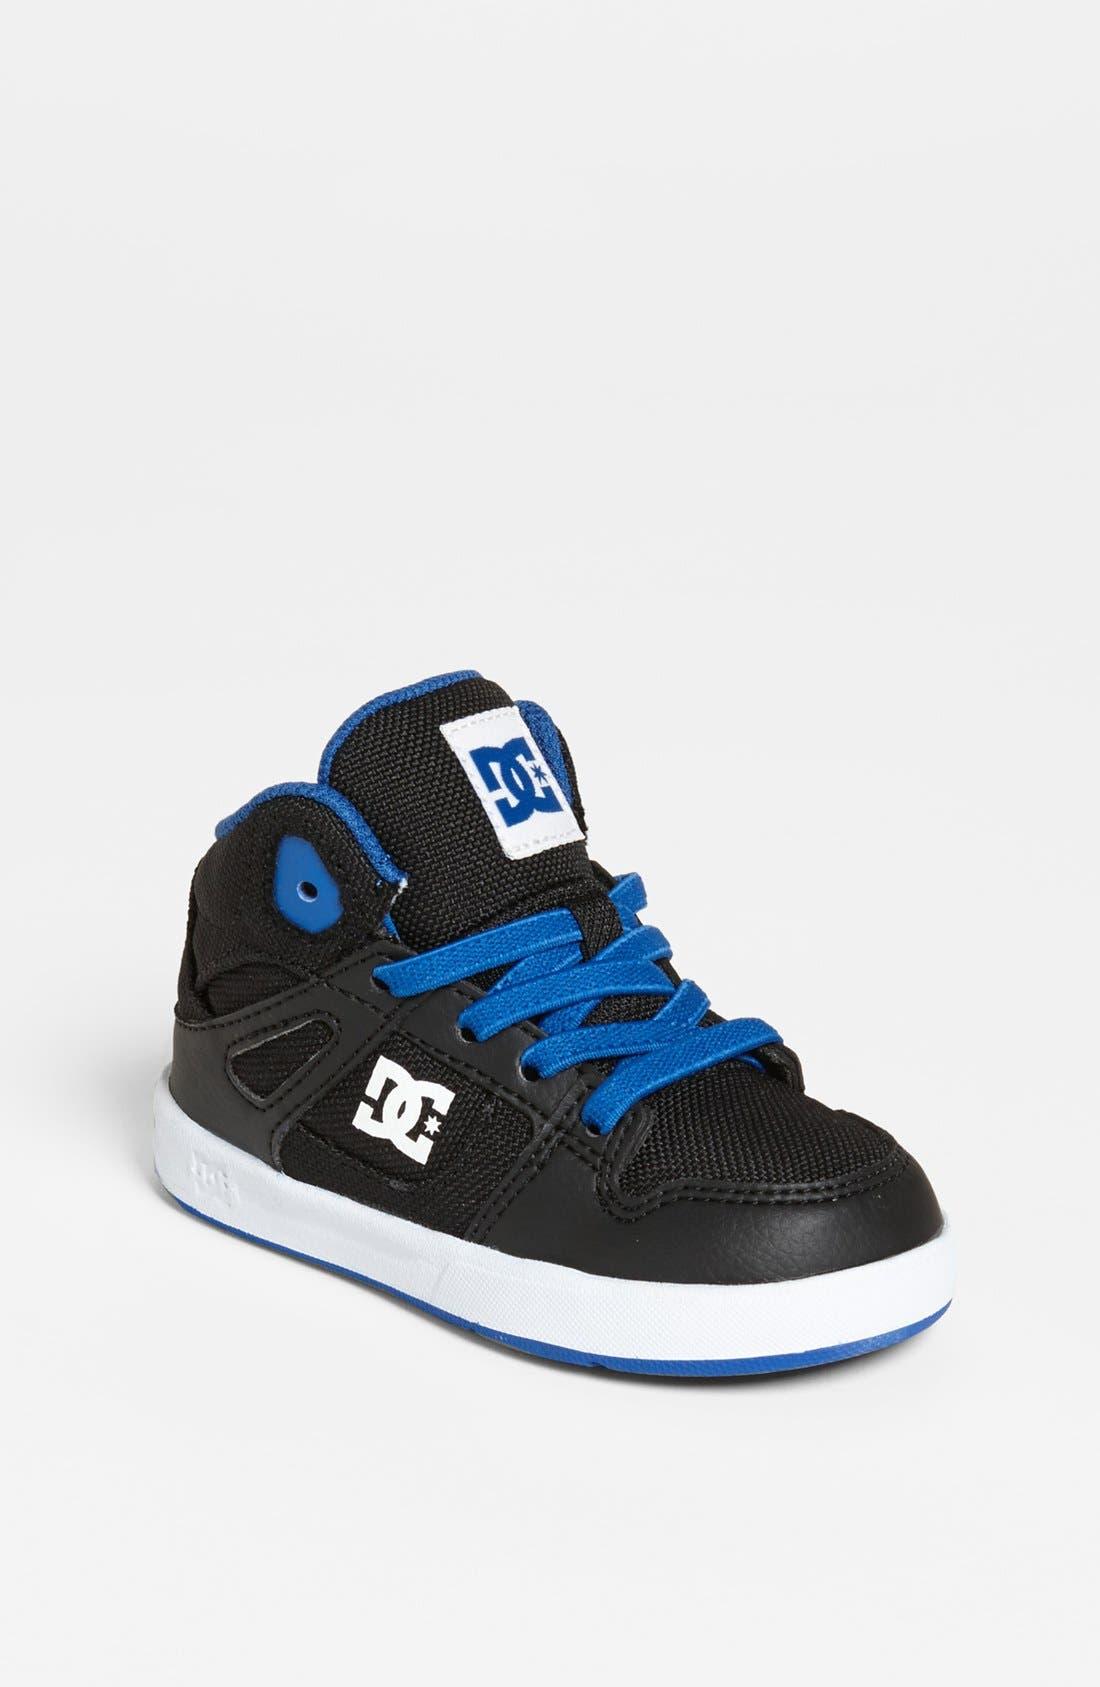 Alternate Image 1 Selected - DC Shoes 'Rebound' Sneaker (Walker & Toddler)